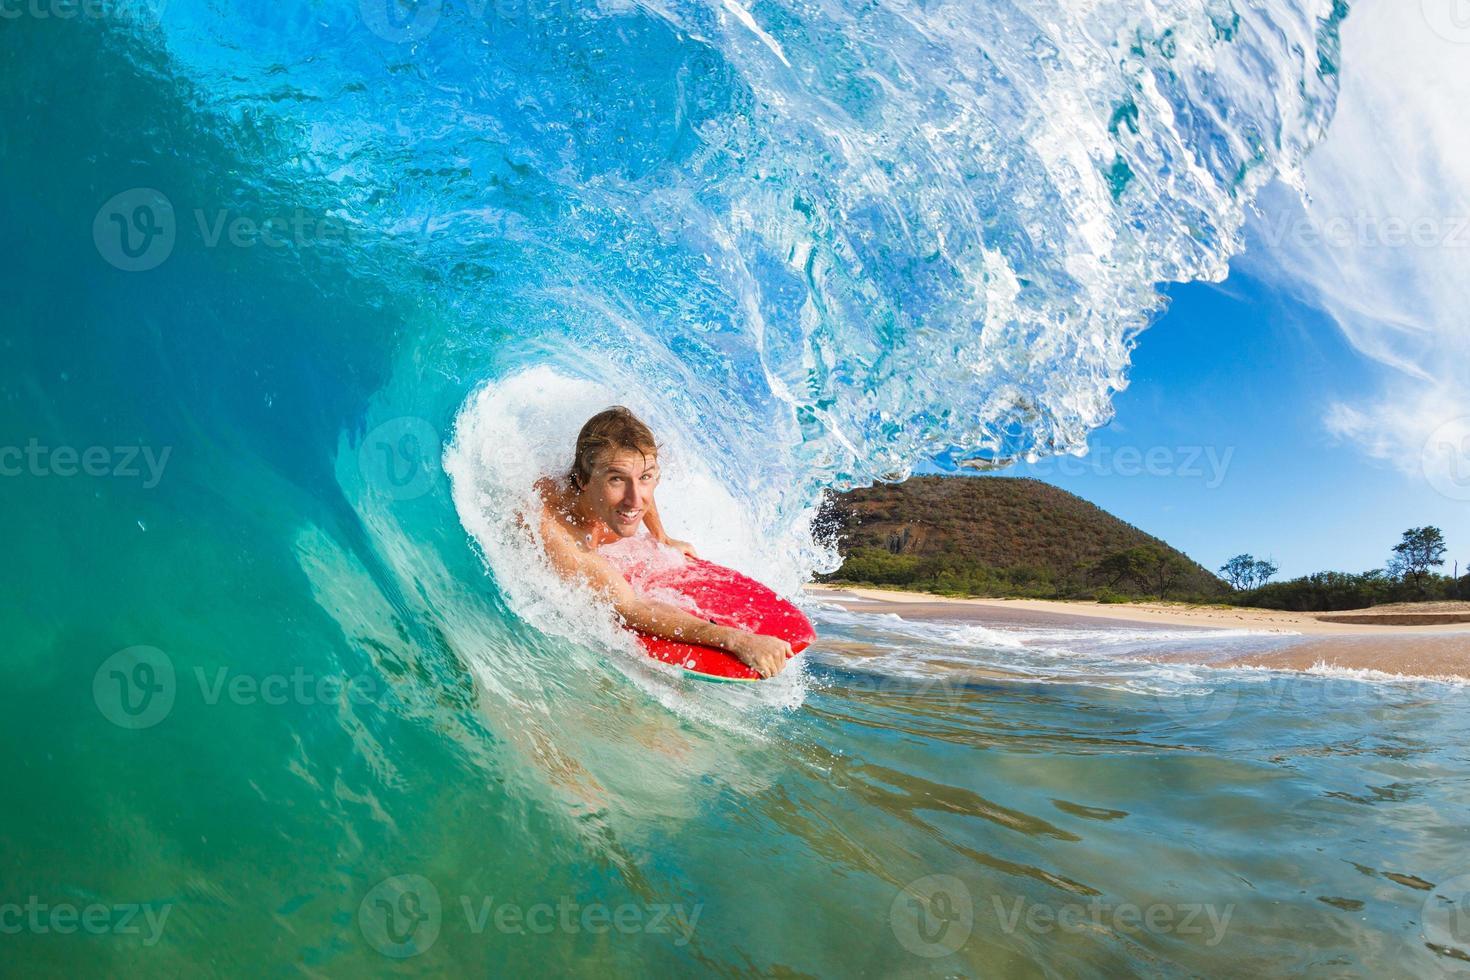 surfen op de branding foto